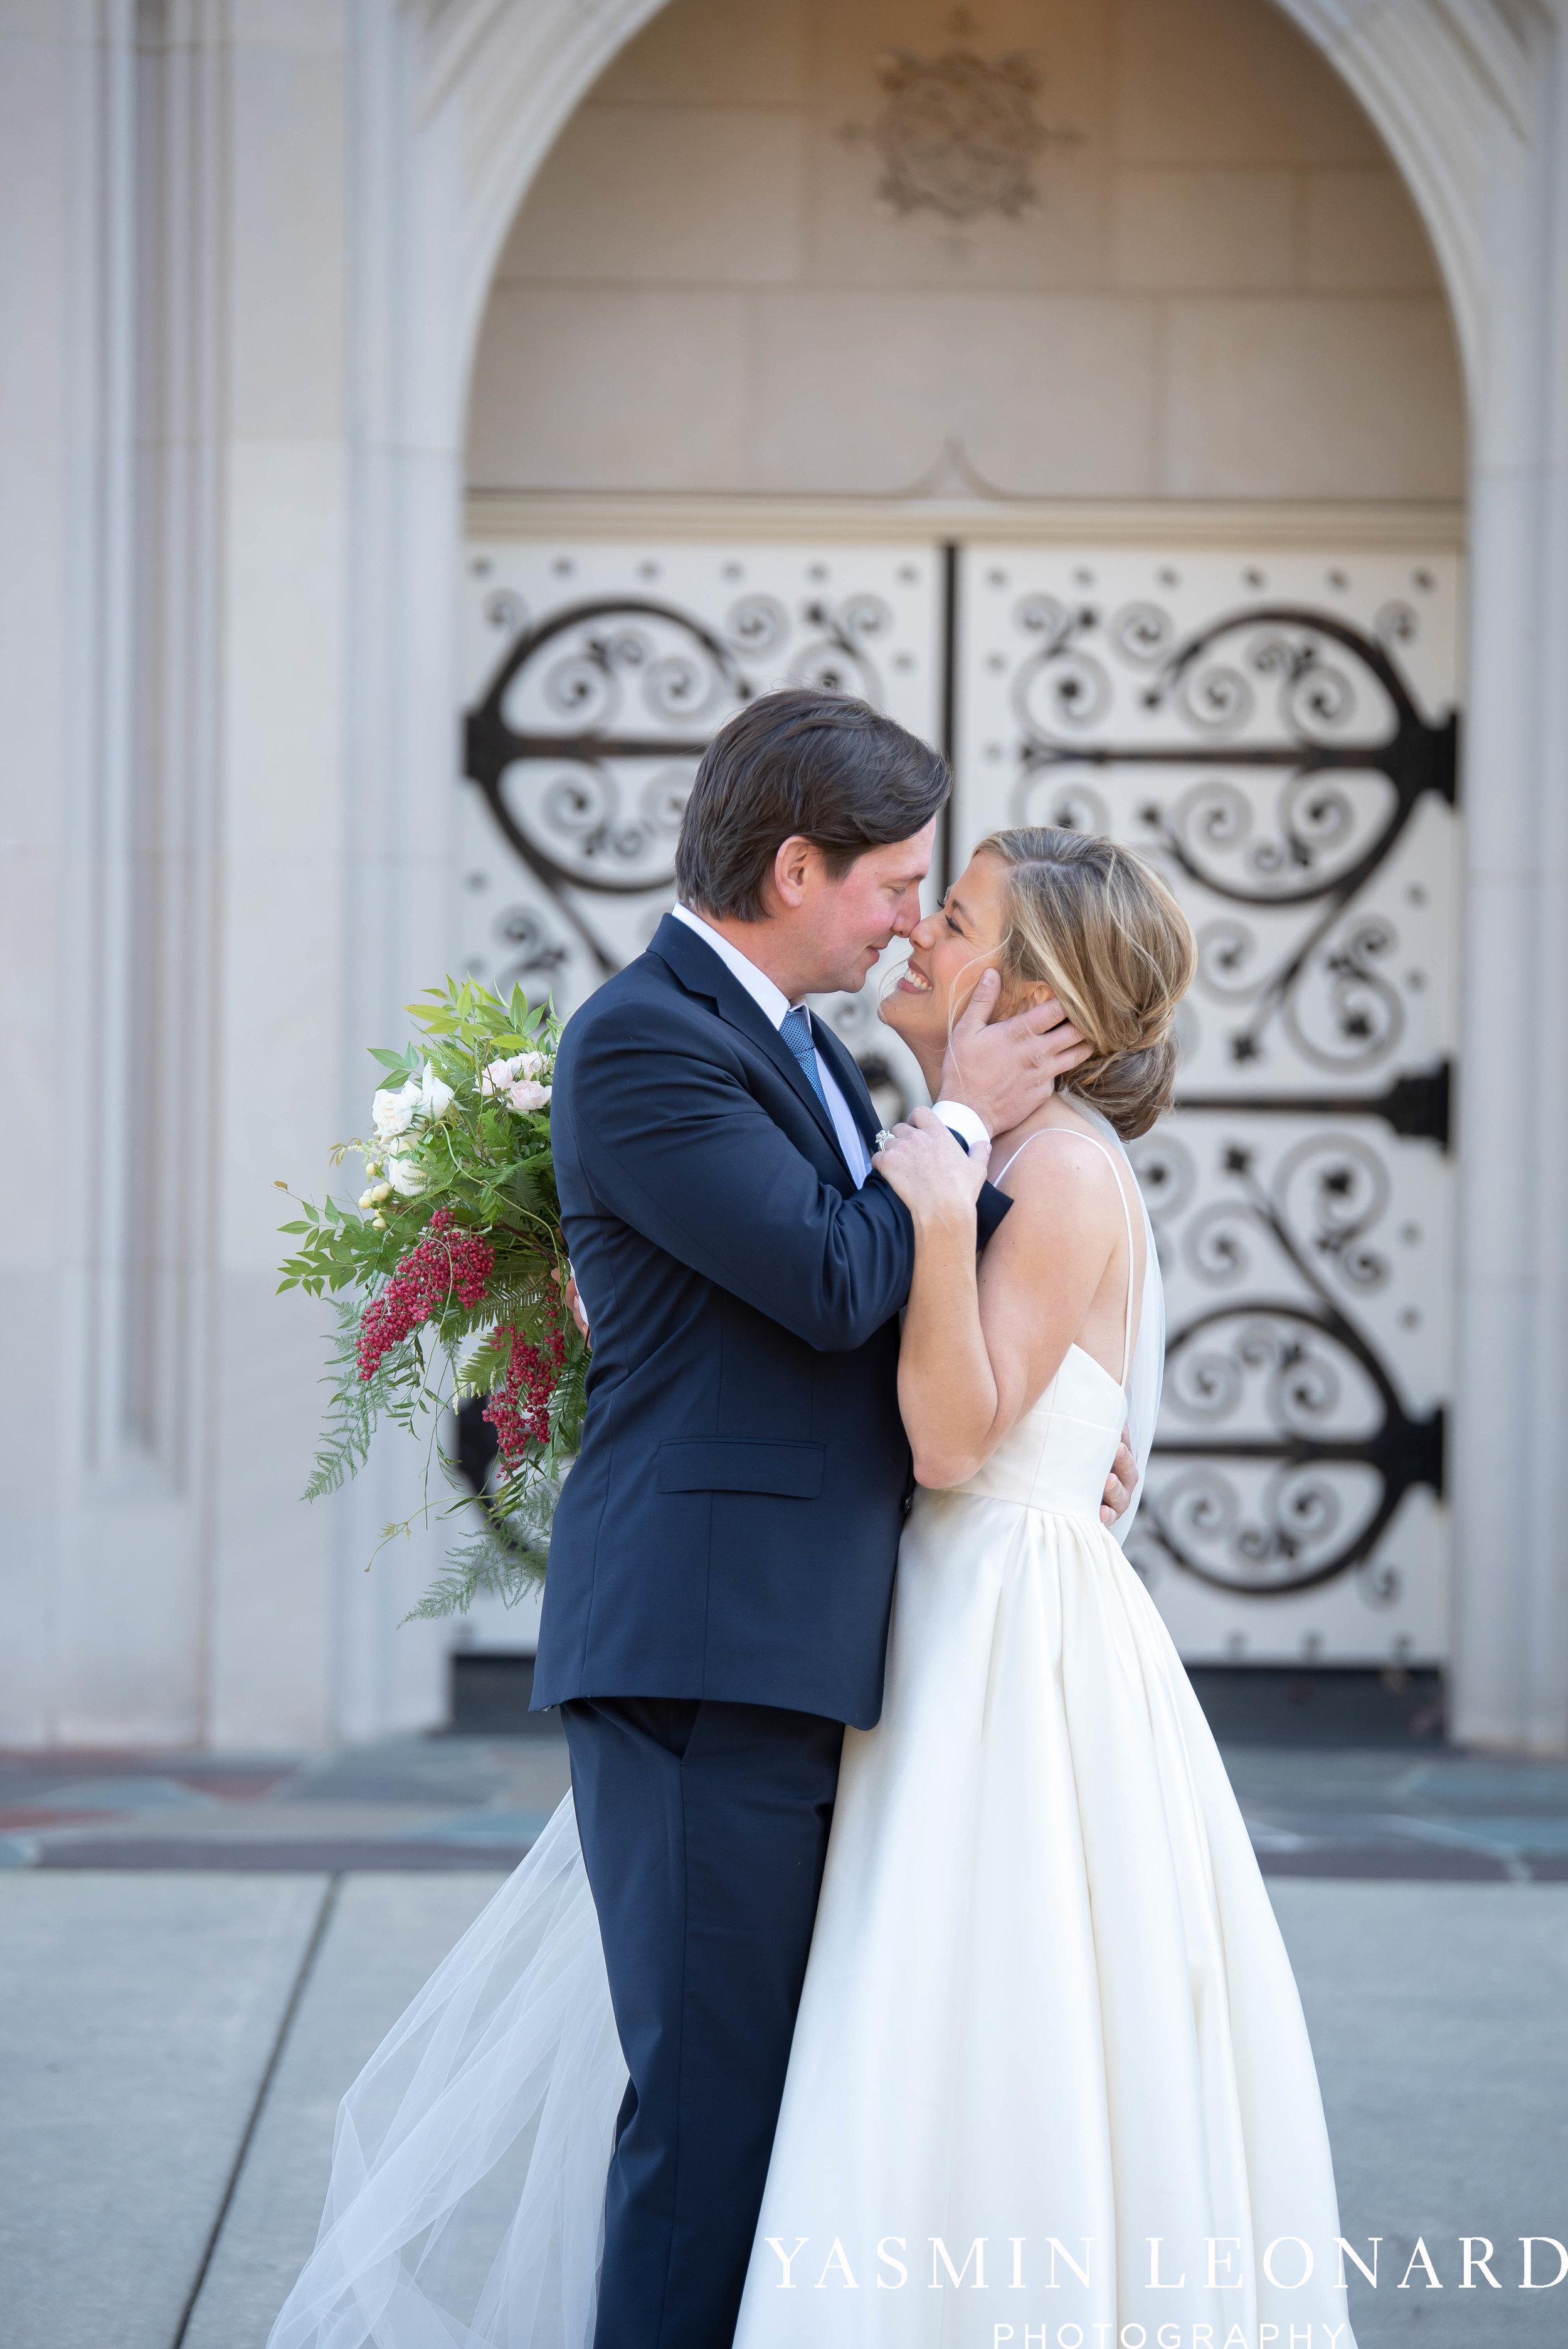 Wesley Memorial United Methodist Church - EmeryWood - High Point Weddings - High Point Wedding Photographer - NC Wedding Photographer - Yasmin Leonard Photography-36.jpg